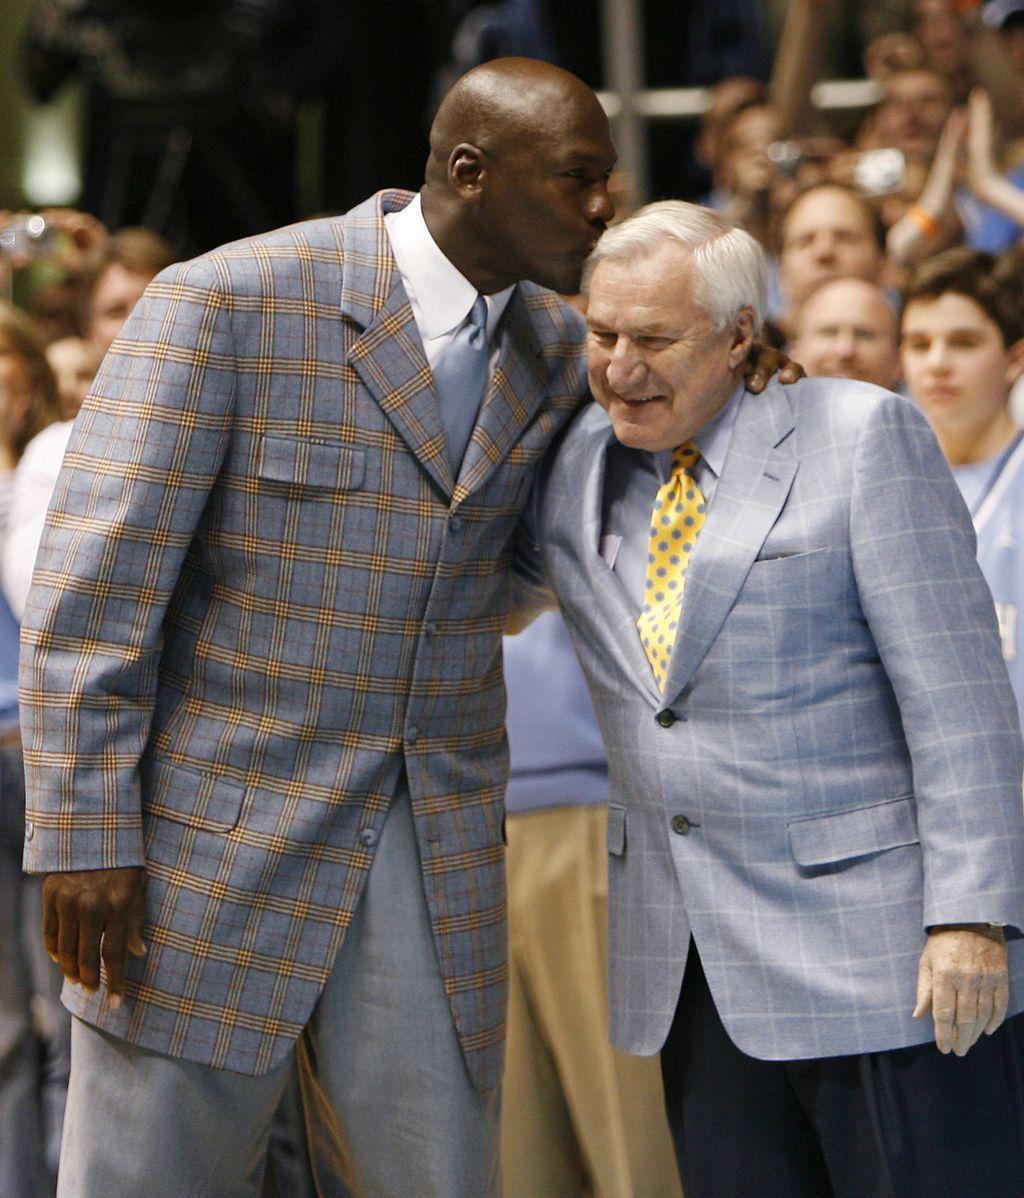 Fallece Dean Smith, histórico entrenador de la Universidad de Carolina del Norte